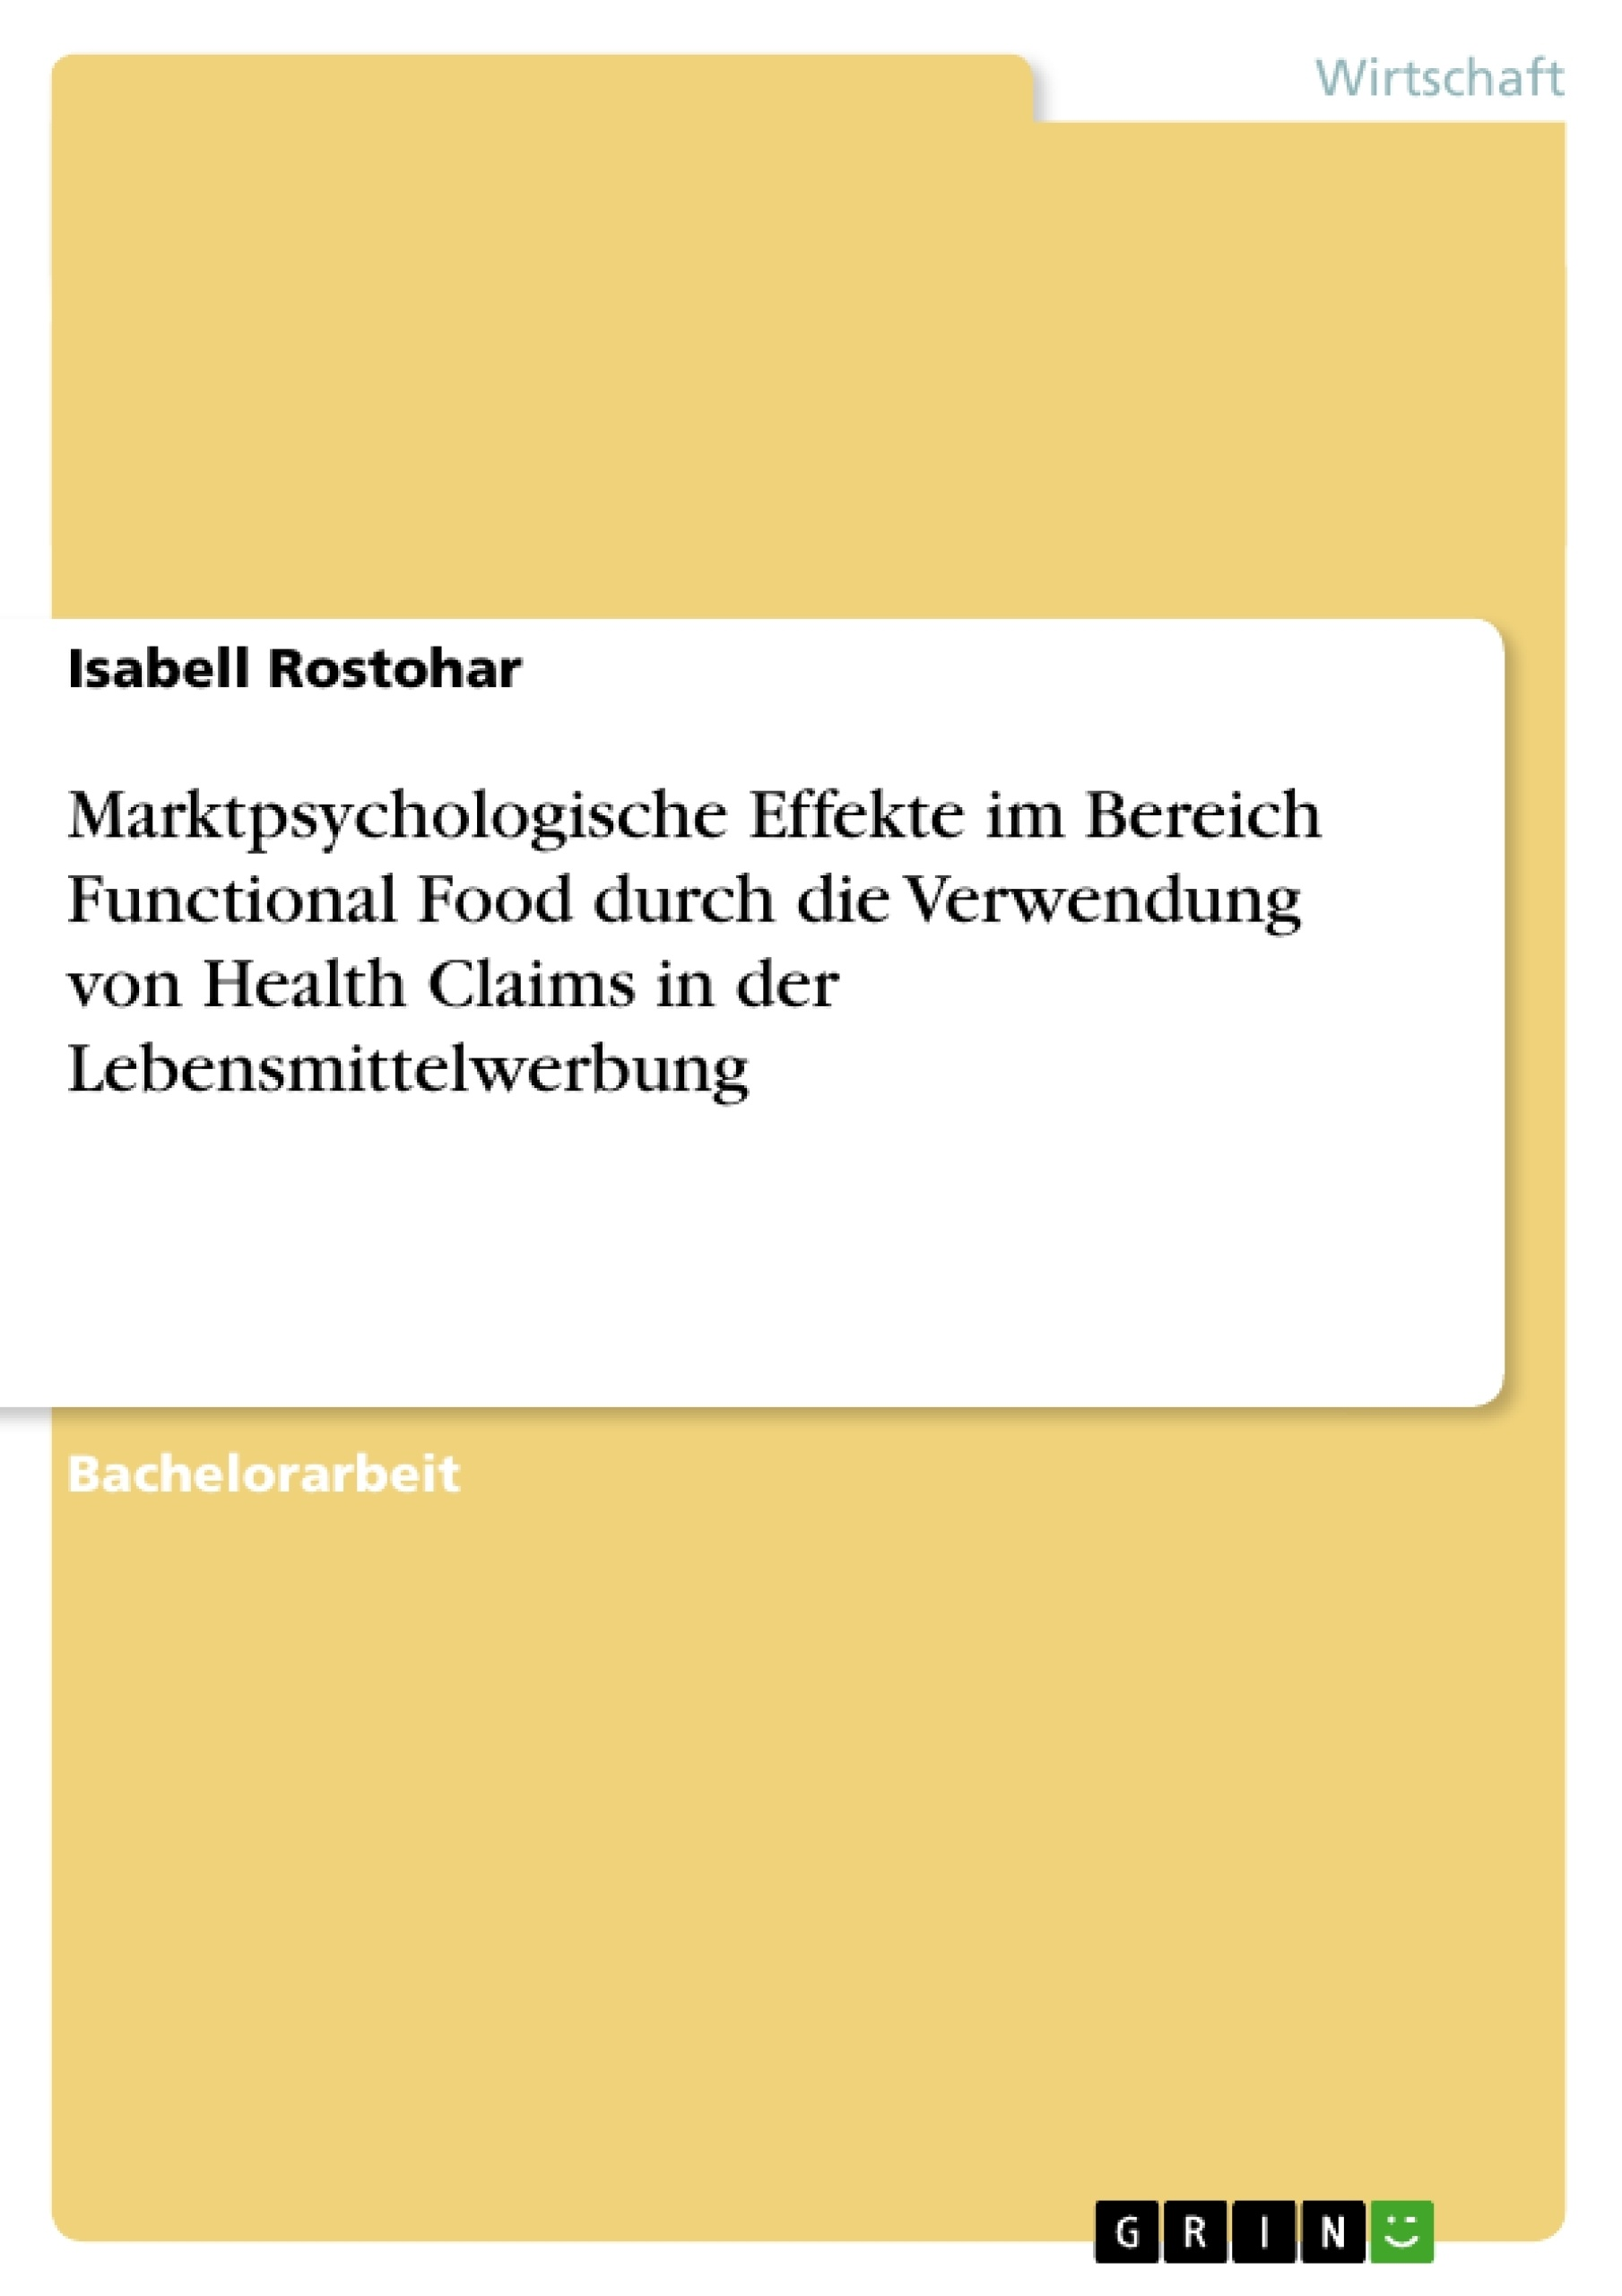 Titel: Marktpsychologische Effekte im Bereich Functional Food durch die Verwendung von Health Claims in der Lebensmittelwerbung